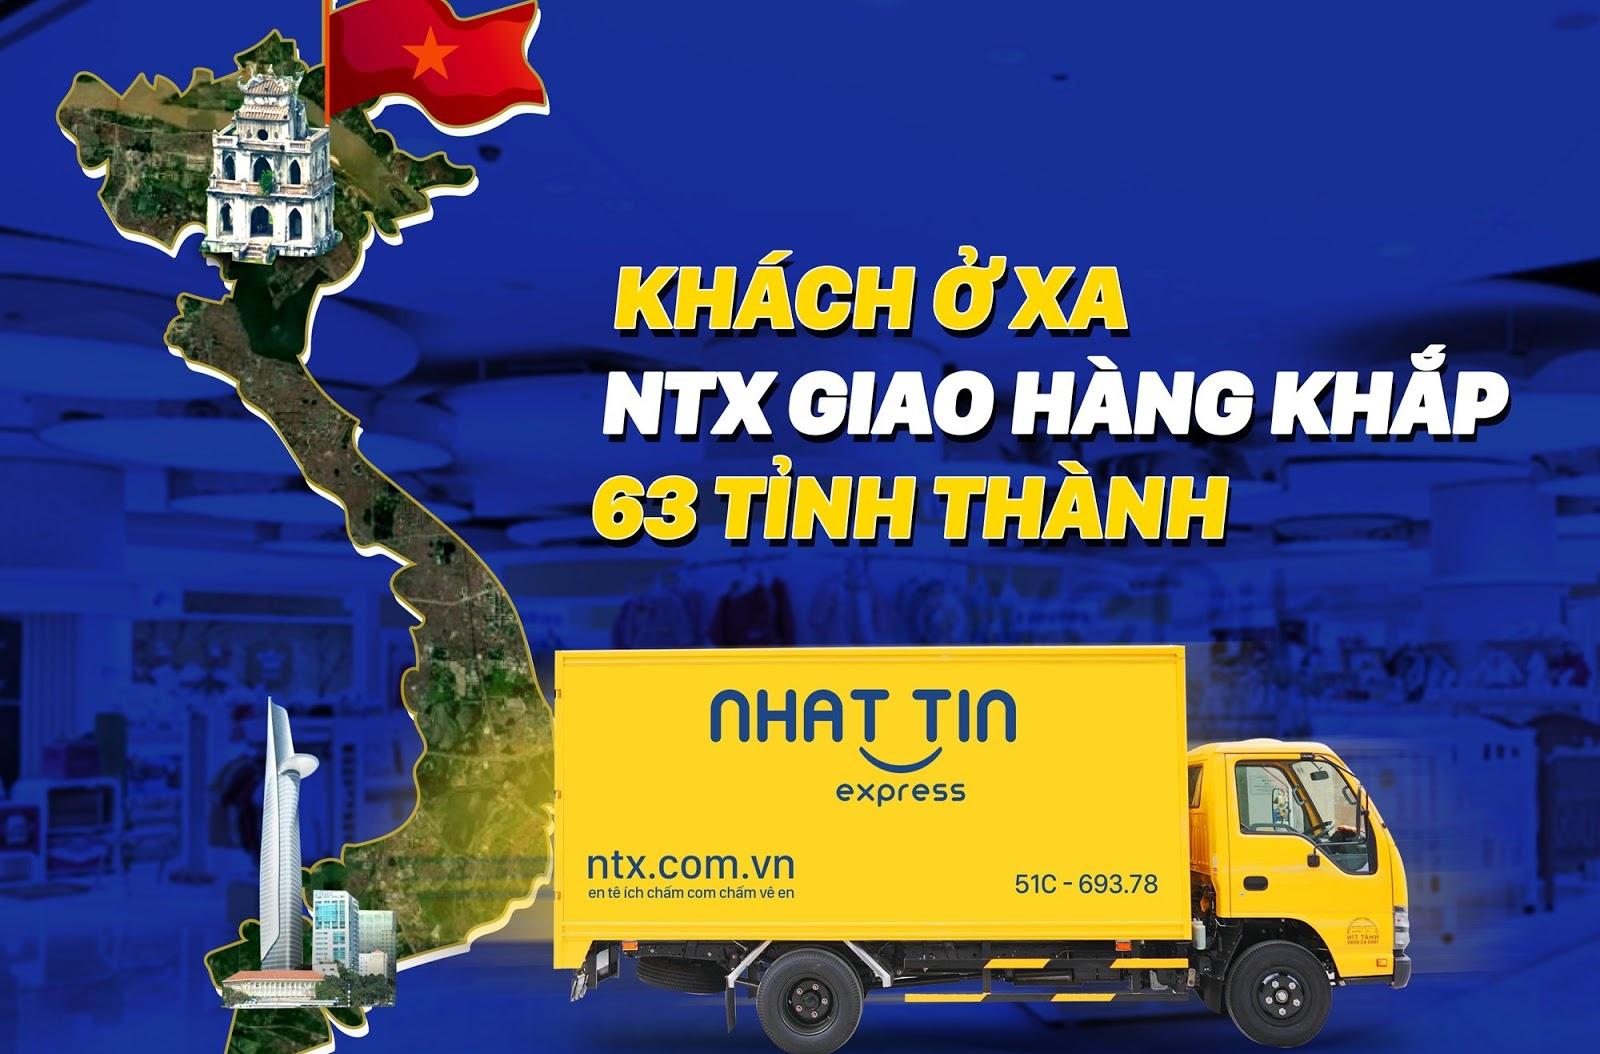 dịch vụ giao hàng chất lượng, giá cước tốt, uy tín, tận tâm của NTX - Nhất Tín Express